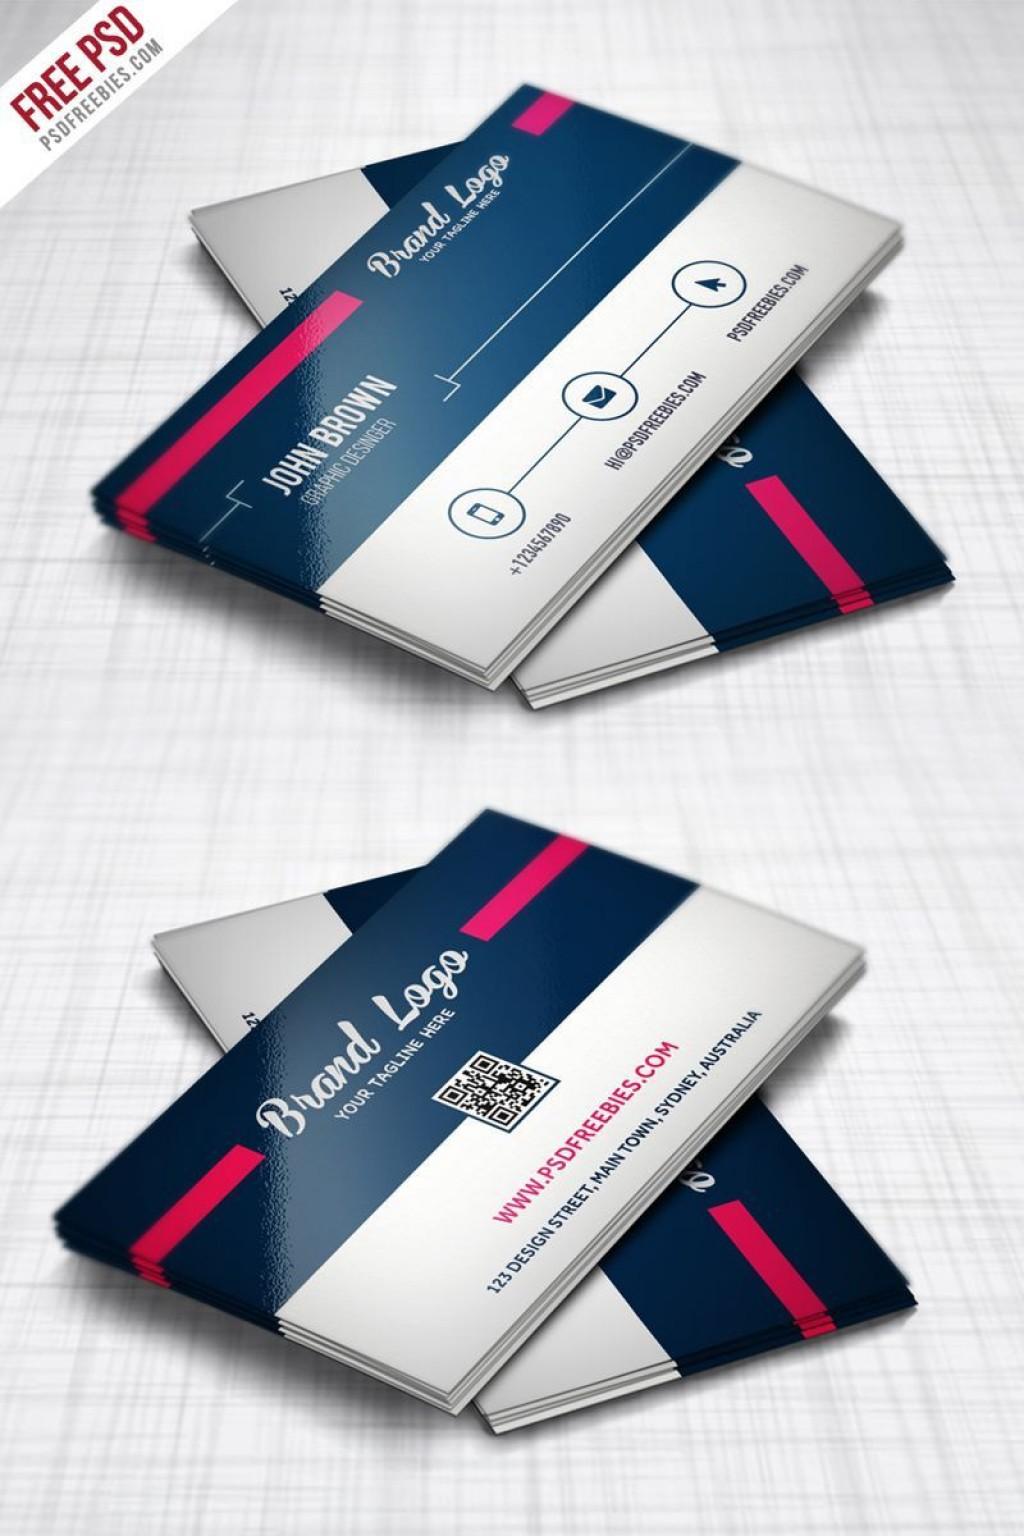 006 Stirring Free Visiting Card Design Psd Download Inspiration  Busines RestaurantLarge